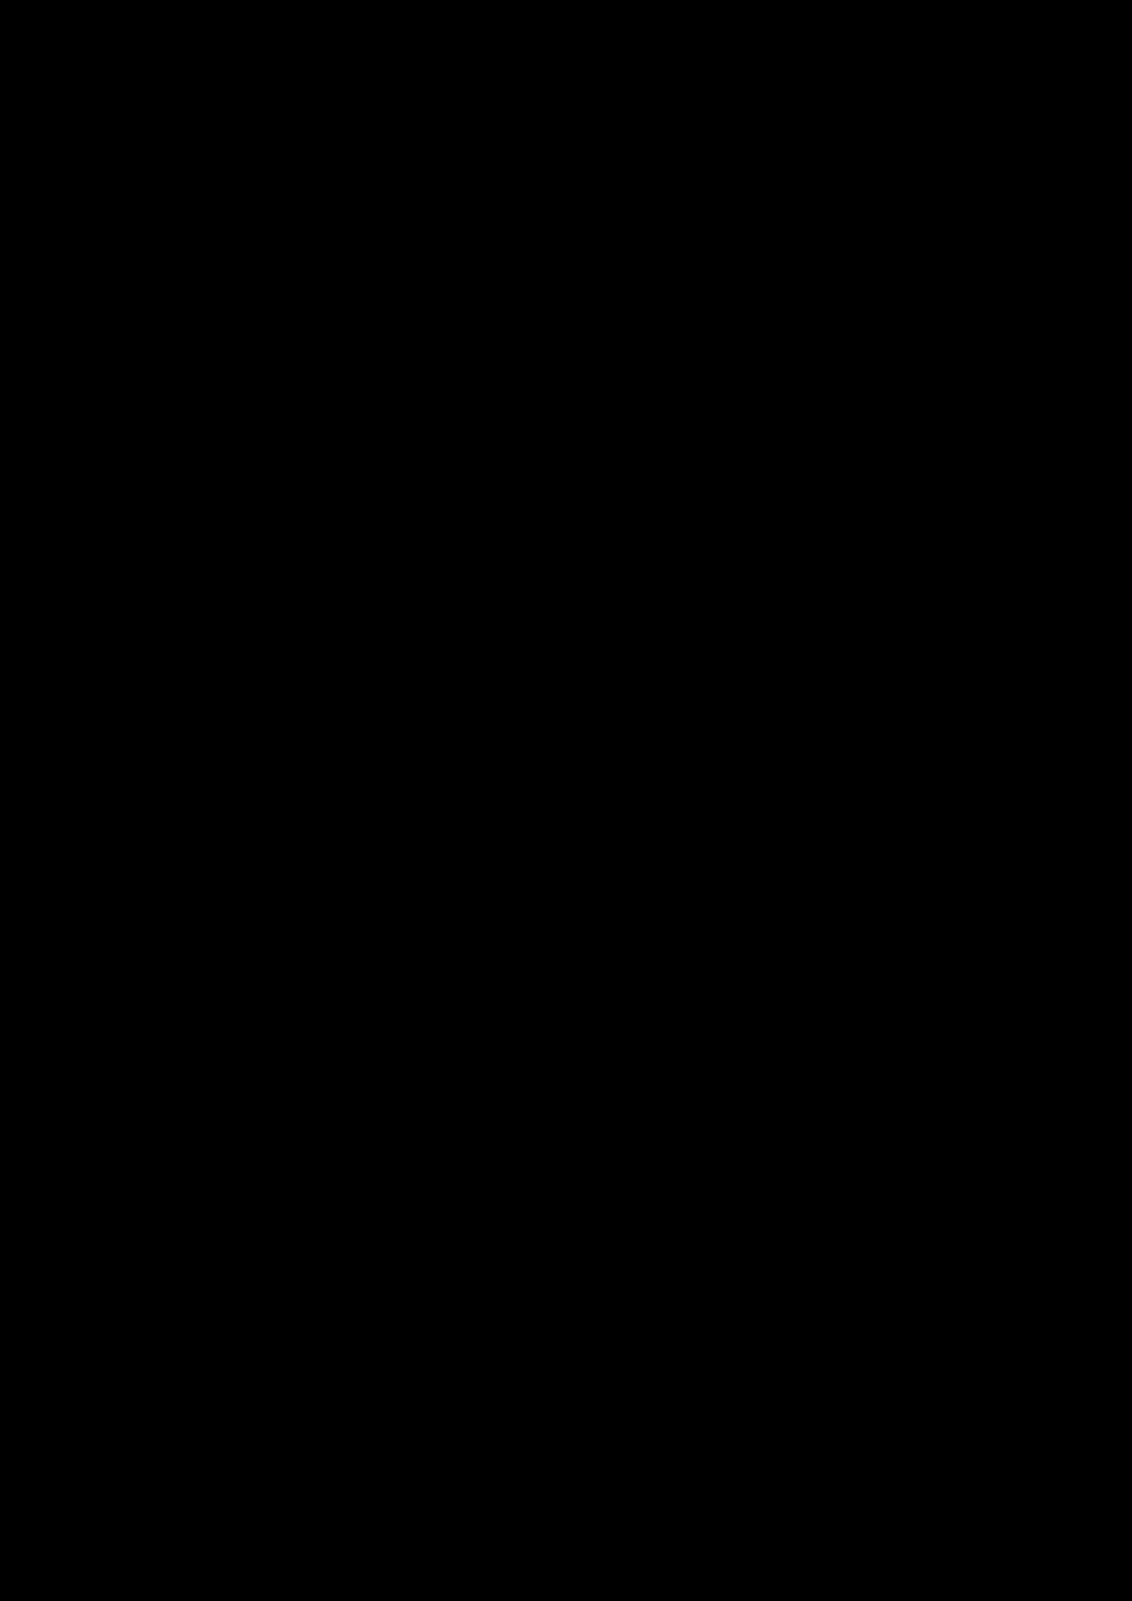 Vyibor Est slide, Image 56